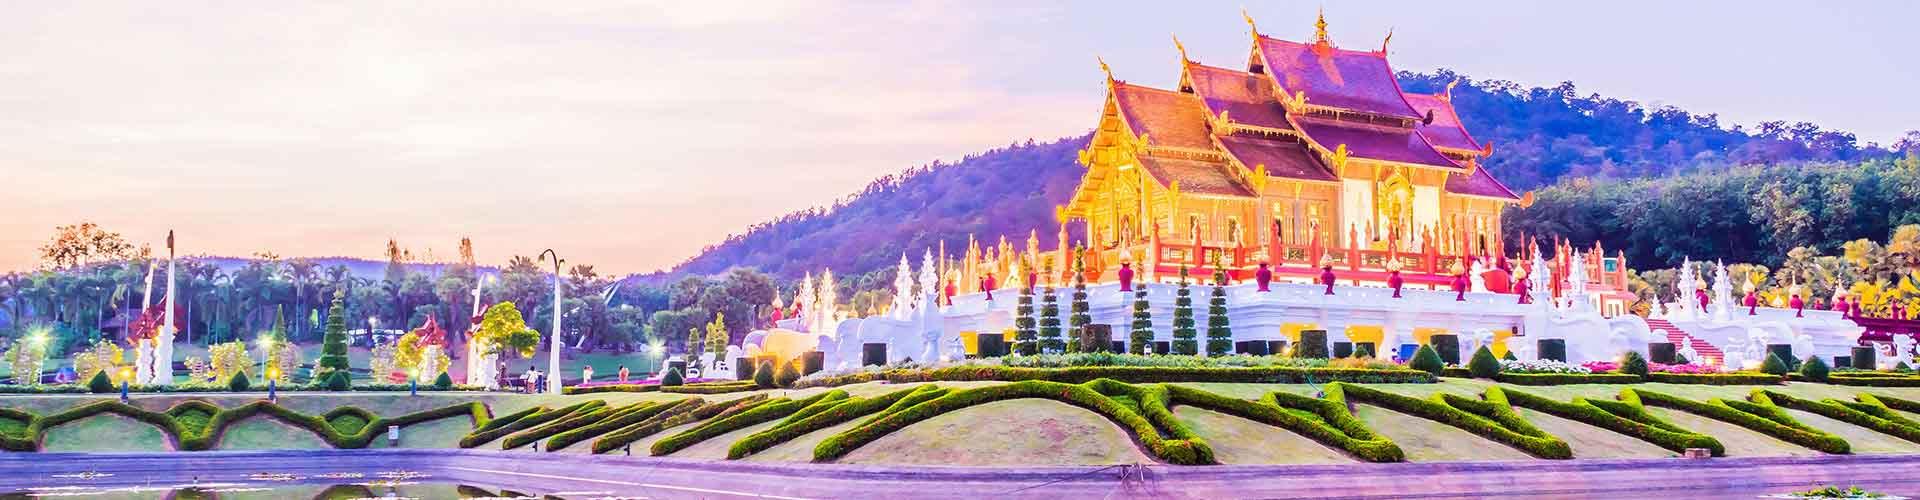 Chiang Mai - Hostele w mieście: Chiang Mai, Mapy: Chiang Mai, Zdjęcia i Recenzje dla każdego hostelu w mieście Chiang Mai.